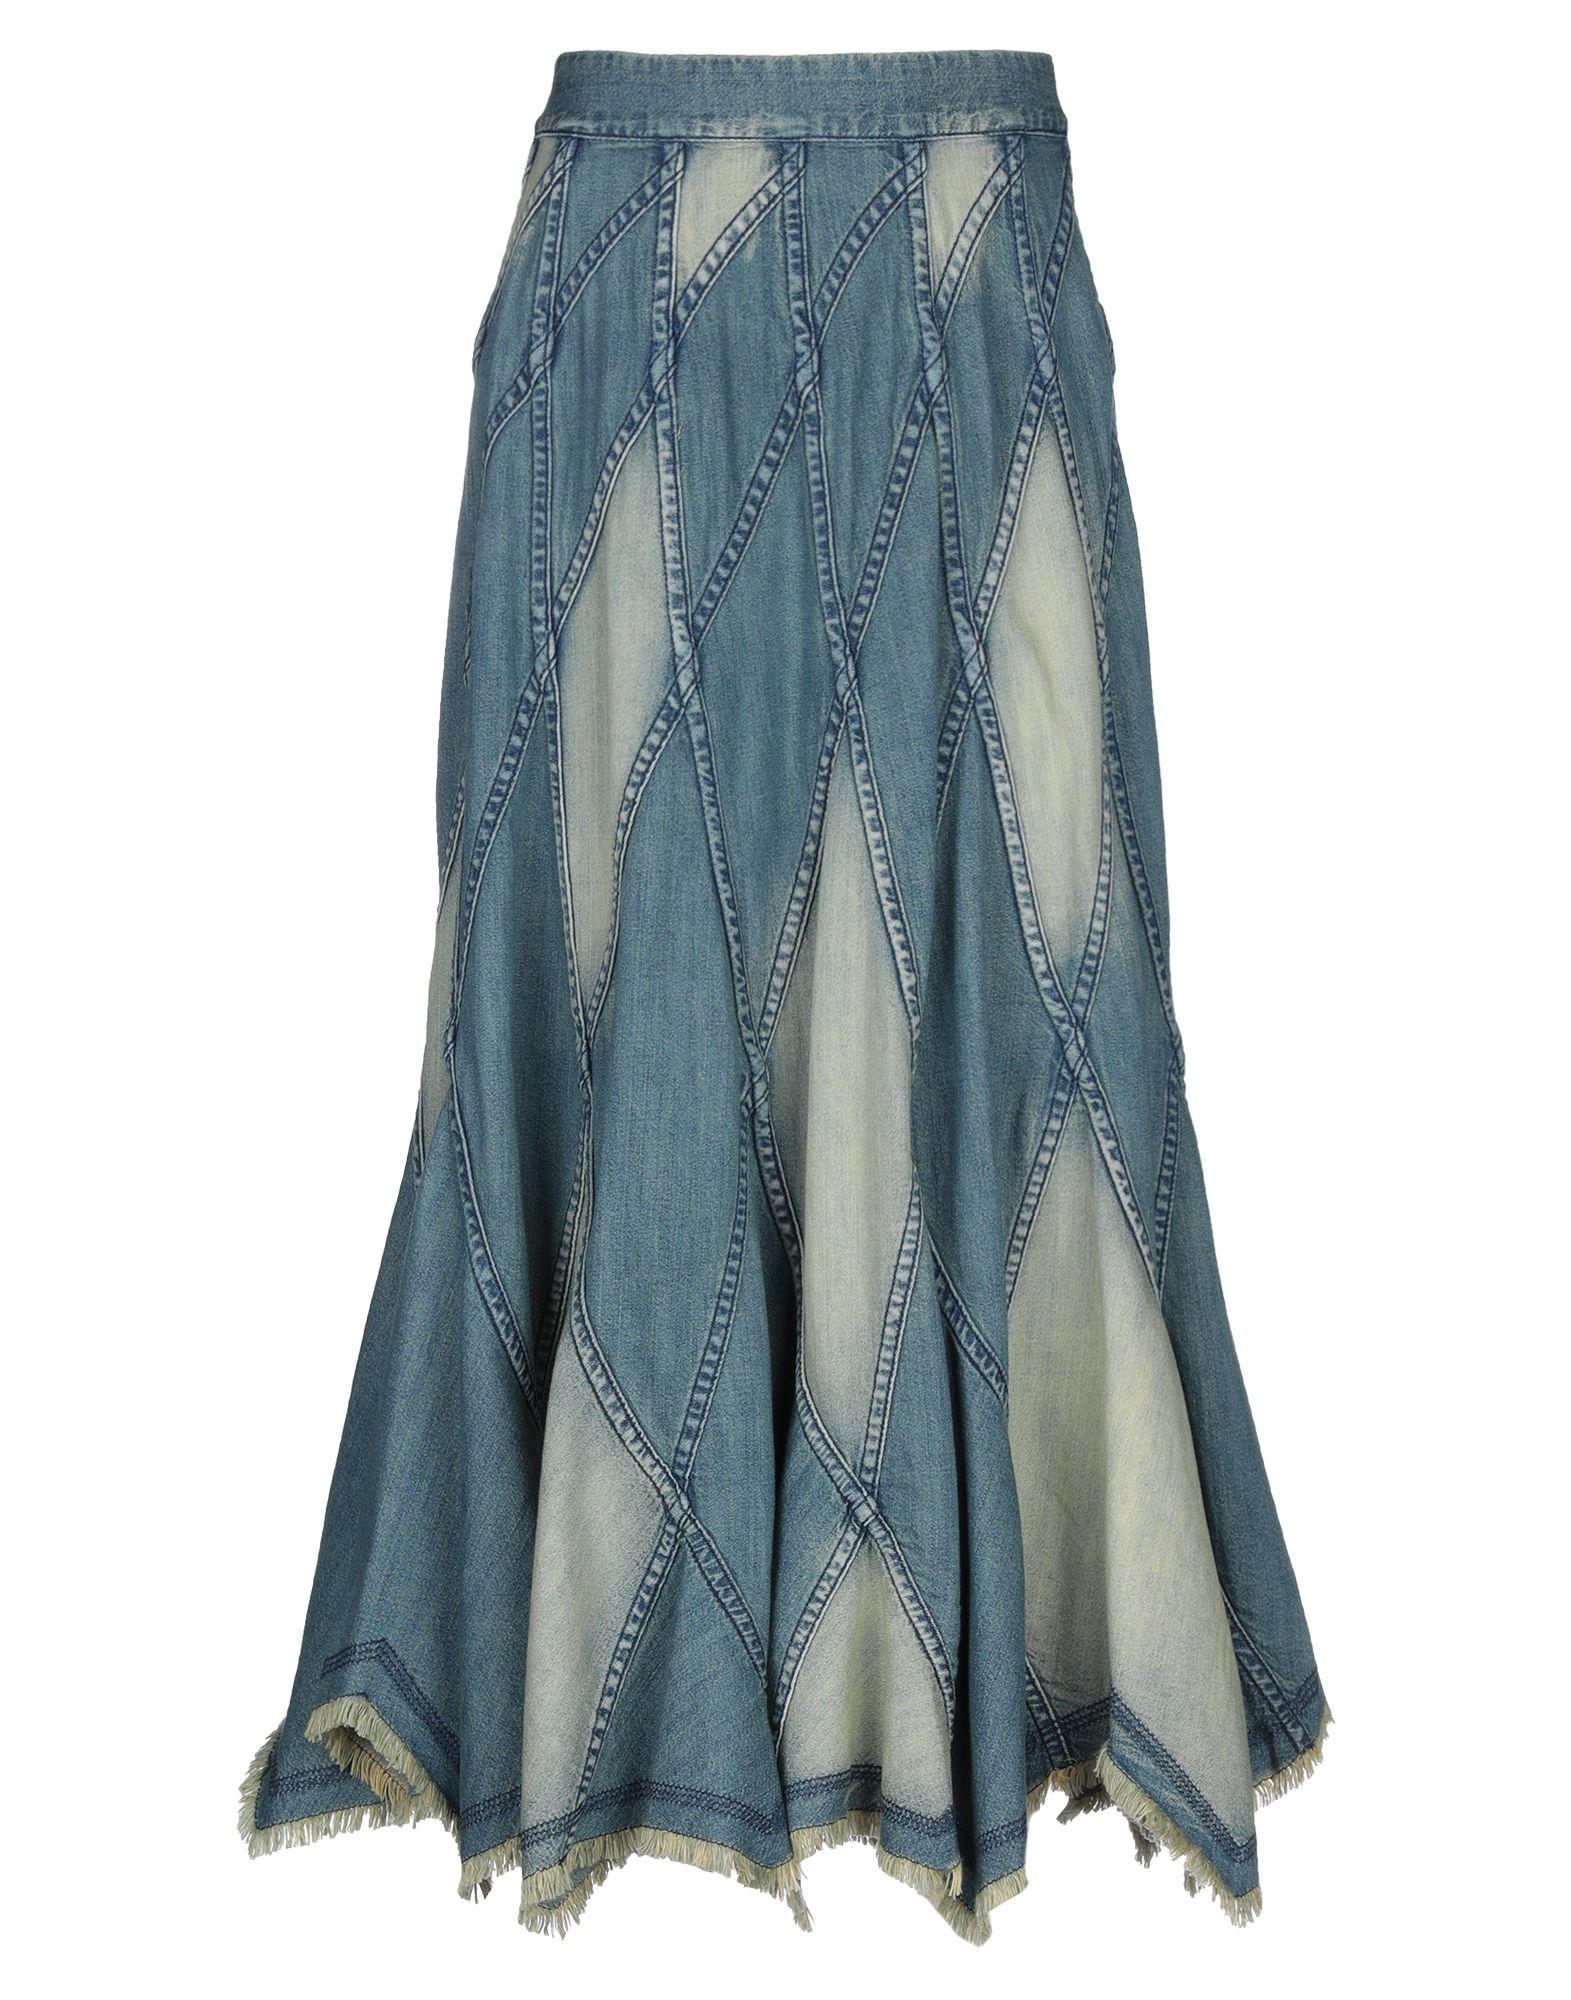 ALICE + OLIVIA Denim skirts. denim, no appliqués, solid color, medium wash, mid rise, rear closure, hook-and-bar, zip, unlined, no pockets. 100% Cotton